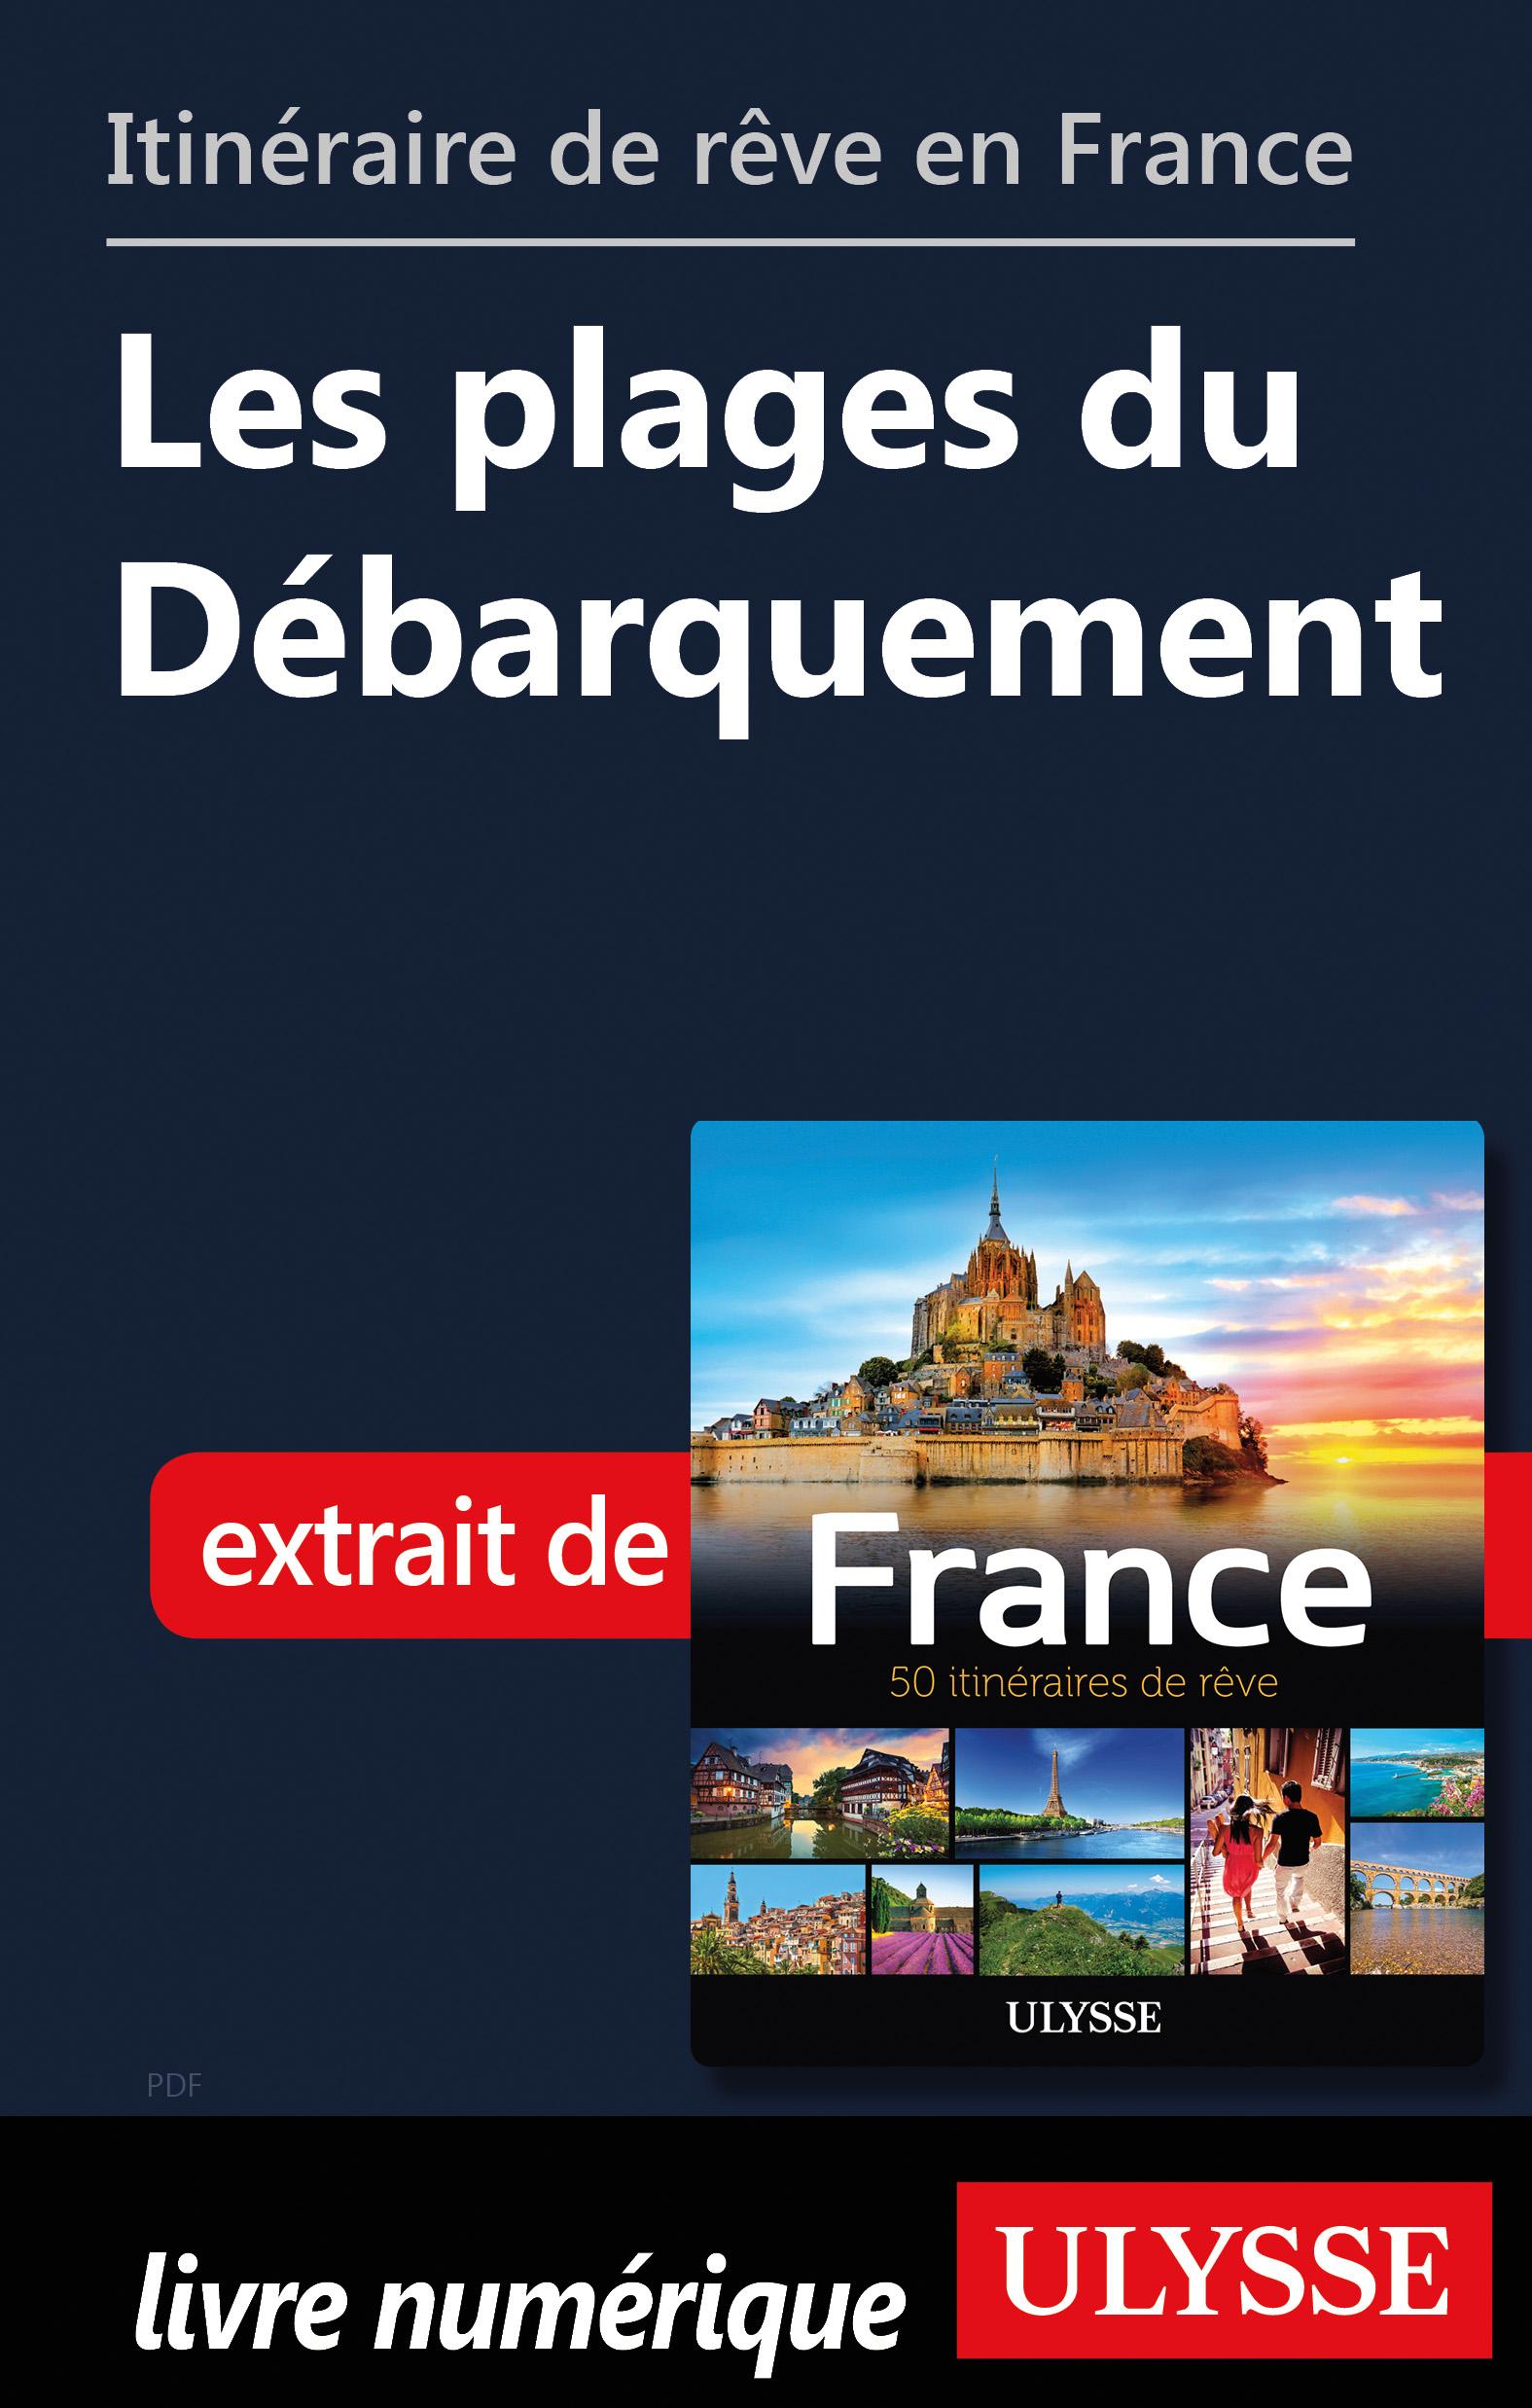 Itinéraire de rêve en France - Les plages du Débarquement